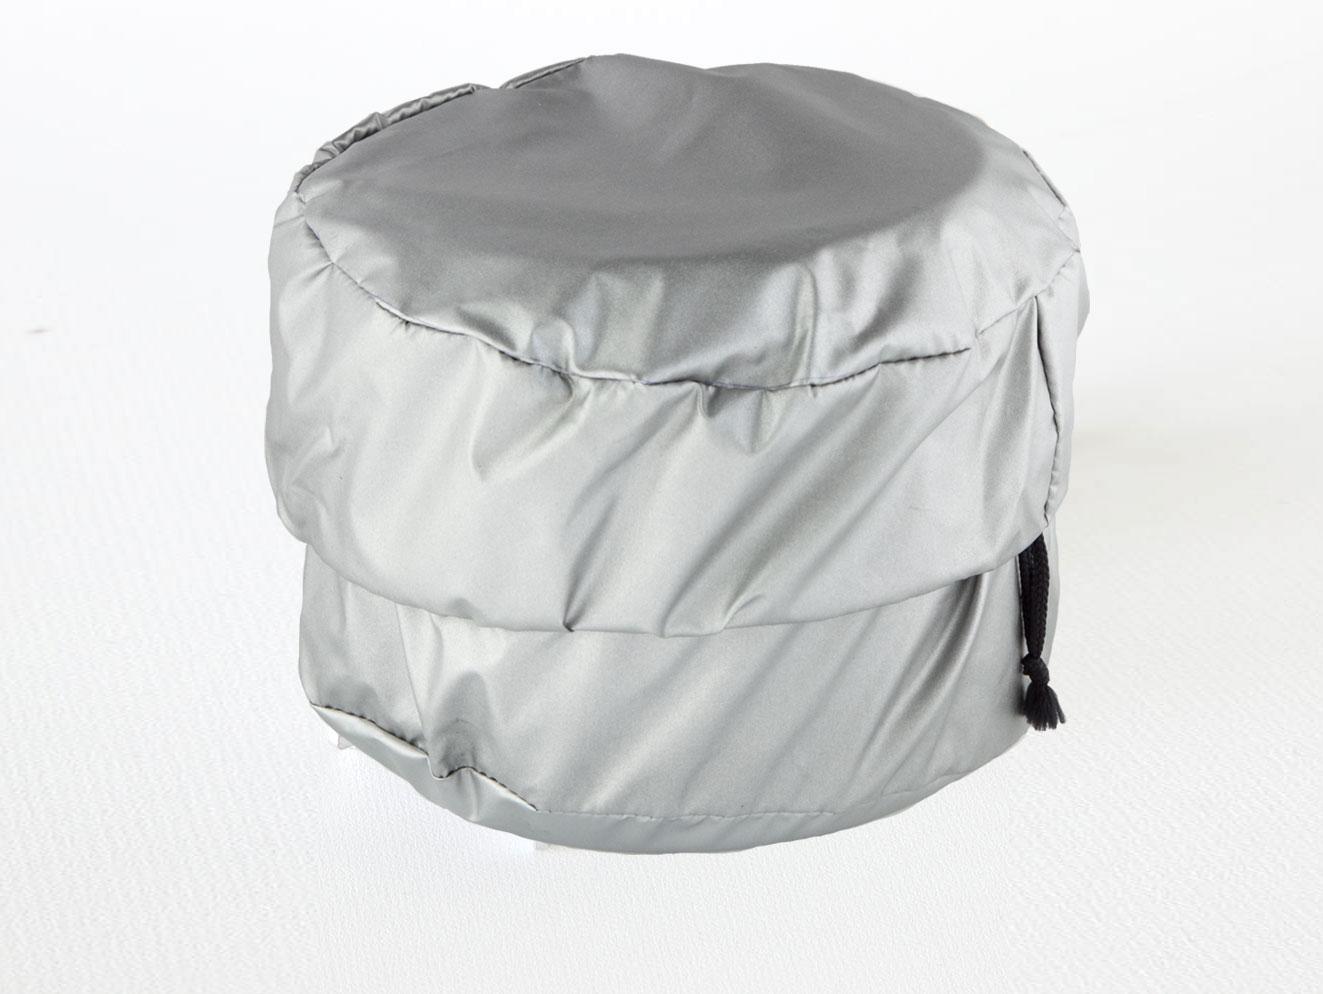 Suojattujen kattiloiden sisälle pakattuna Juuvi on suojassa, eivätkä kattilat tai puupoltin sotke reppua.